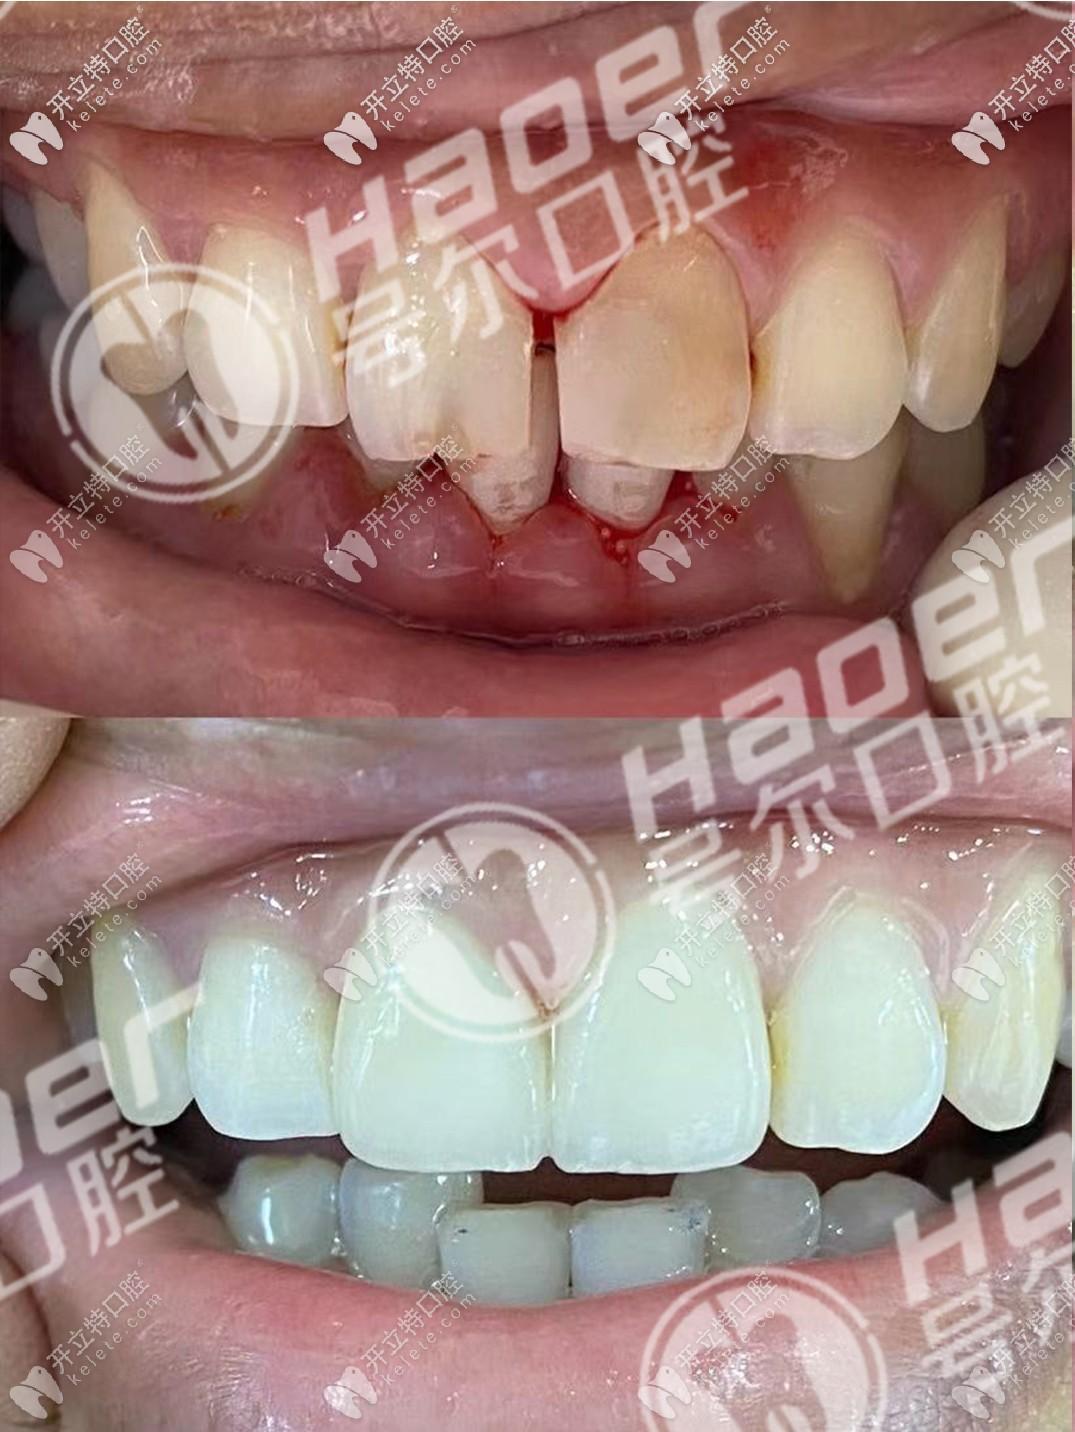 门牙做根管治疗两年后才选择戴全瓷牙冠修复,效果还挺赞